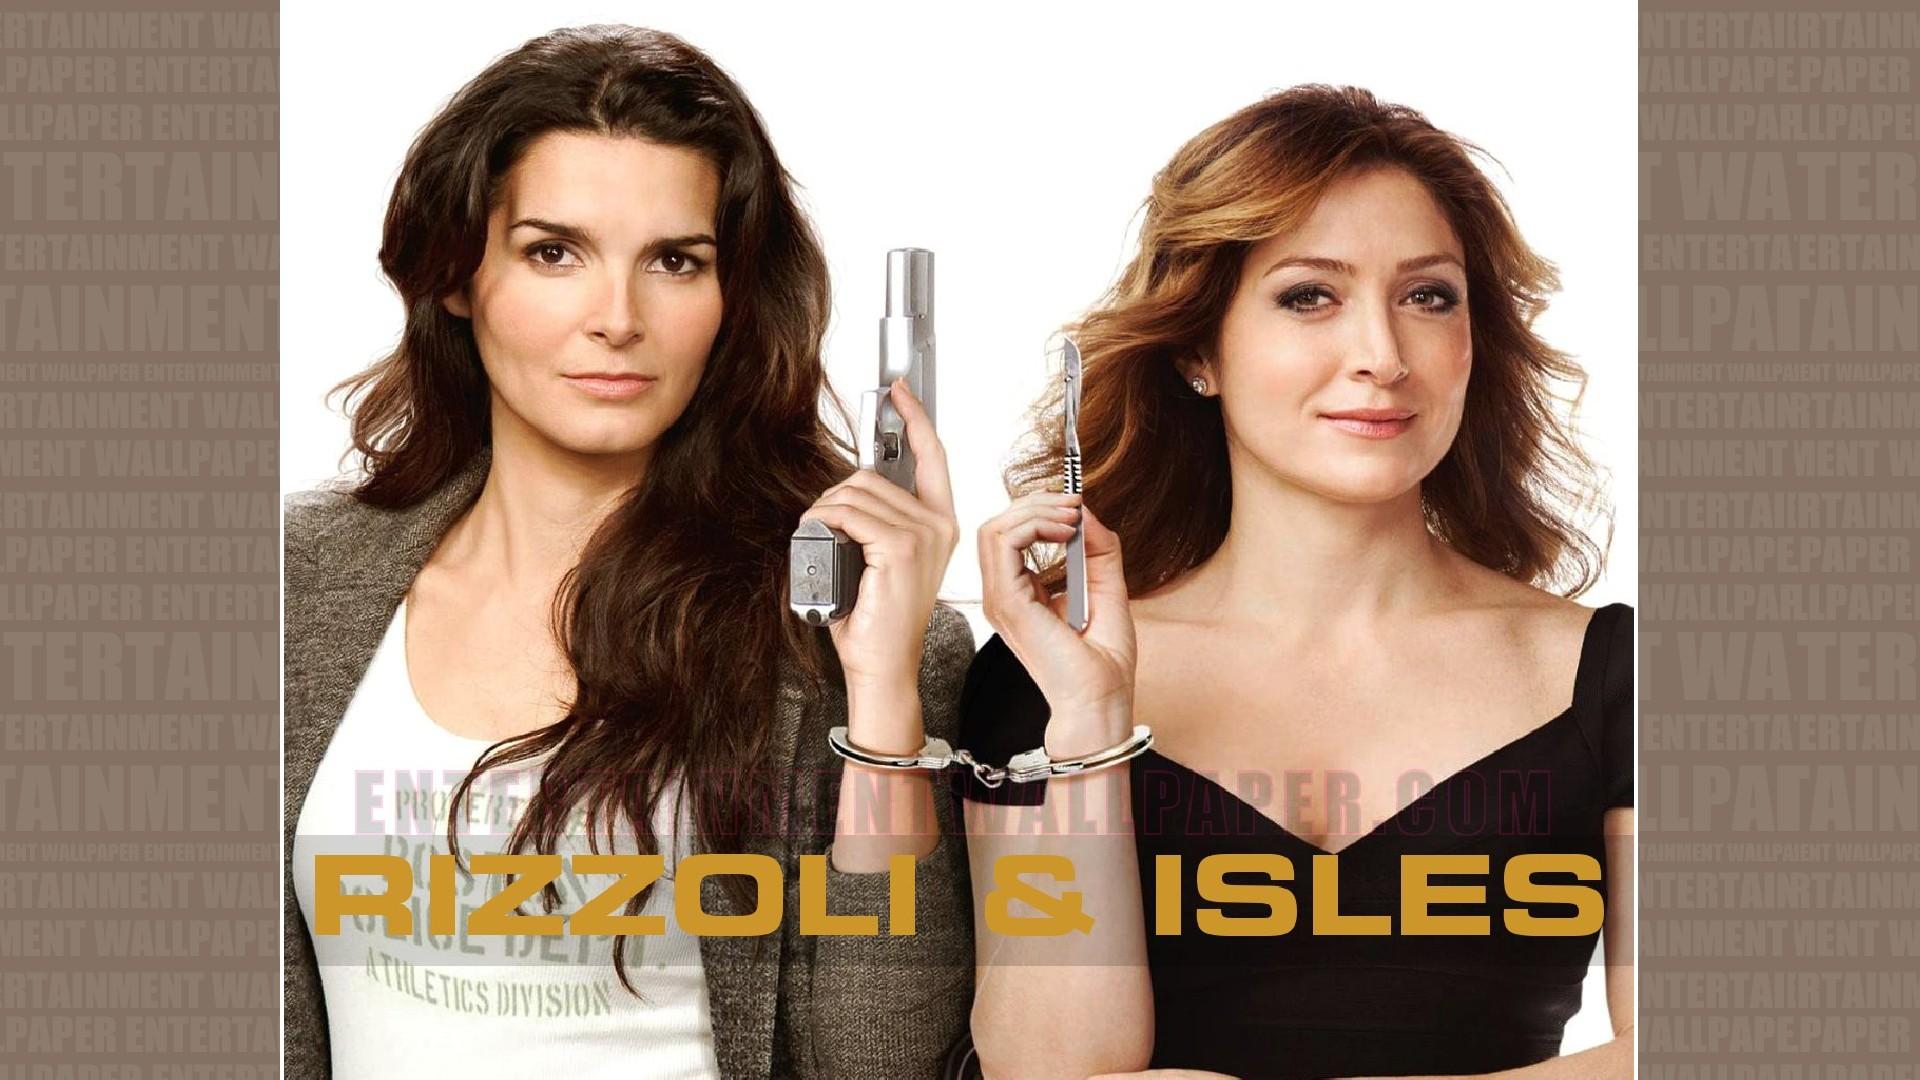 Tv Rizzoli Isles16